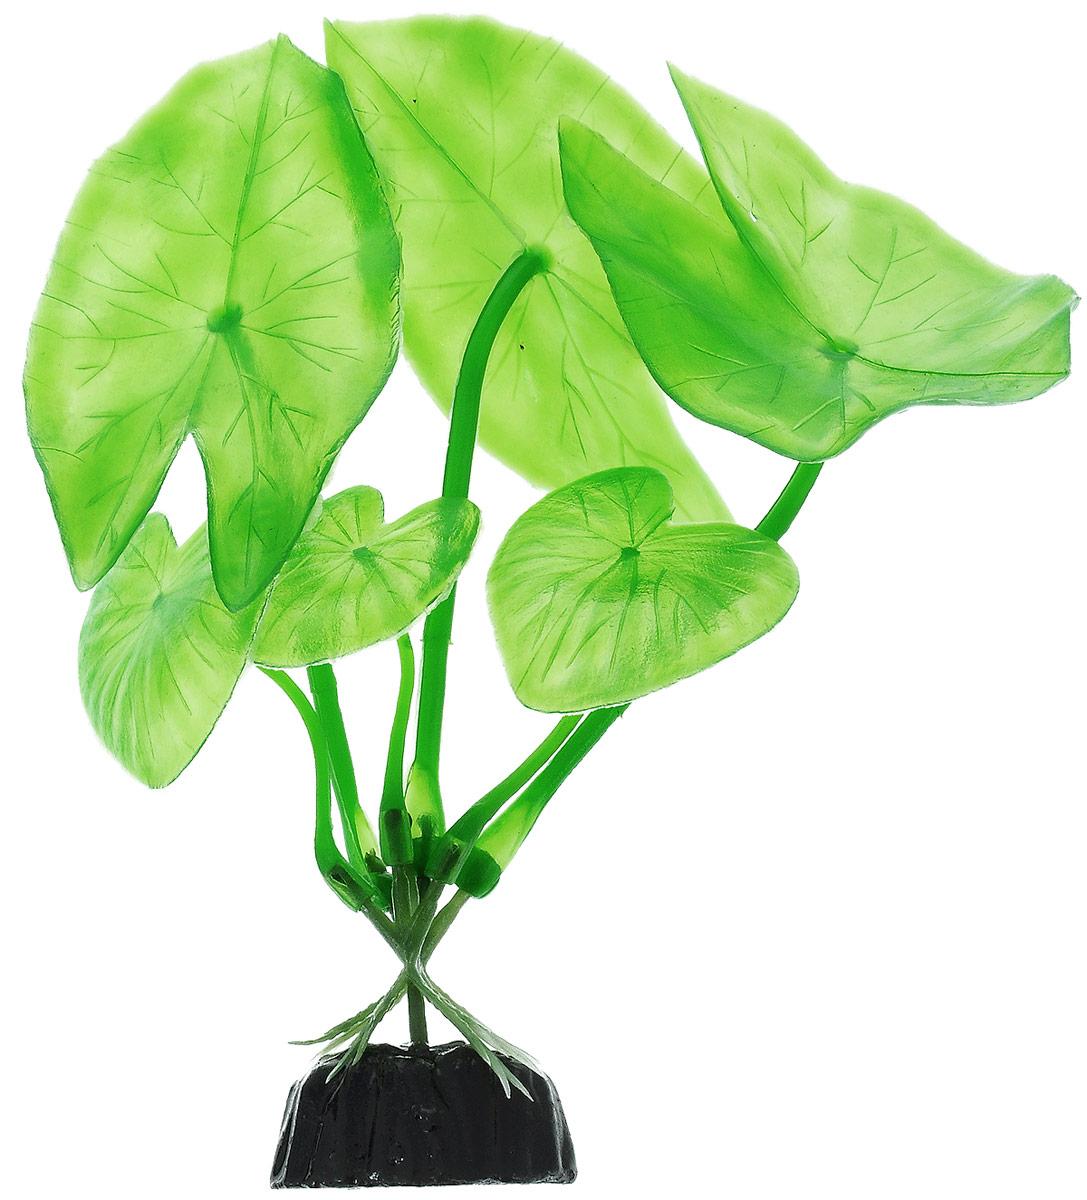 Растение для аквариума Barbus Нимфея, пластиковое, высота 10 смPlant 003/10Растение для аквариума Barbus Нимфея, выполненное из качественного пластика, станет прекрасным украшением вашего аквариума. Пластиковое растение идеально подходит для дизайна всех видов аквариумов. Оно абсолютно безопасно, нейтрально к водному балансу, устойчиво к истиранию краски, подходит как для пресноводного, так и для морского аквариума. Растение для аквариума Barbus поможет вам смоделировать потрясающий пейзаж на дне вашего аквариума или террариума. Высота растения: 10 см.